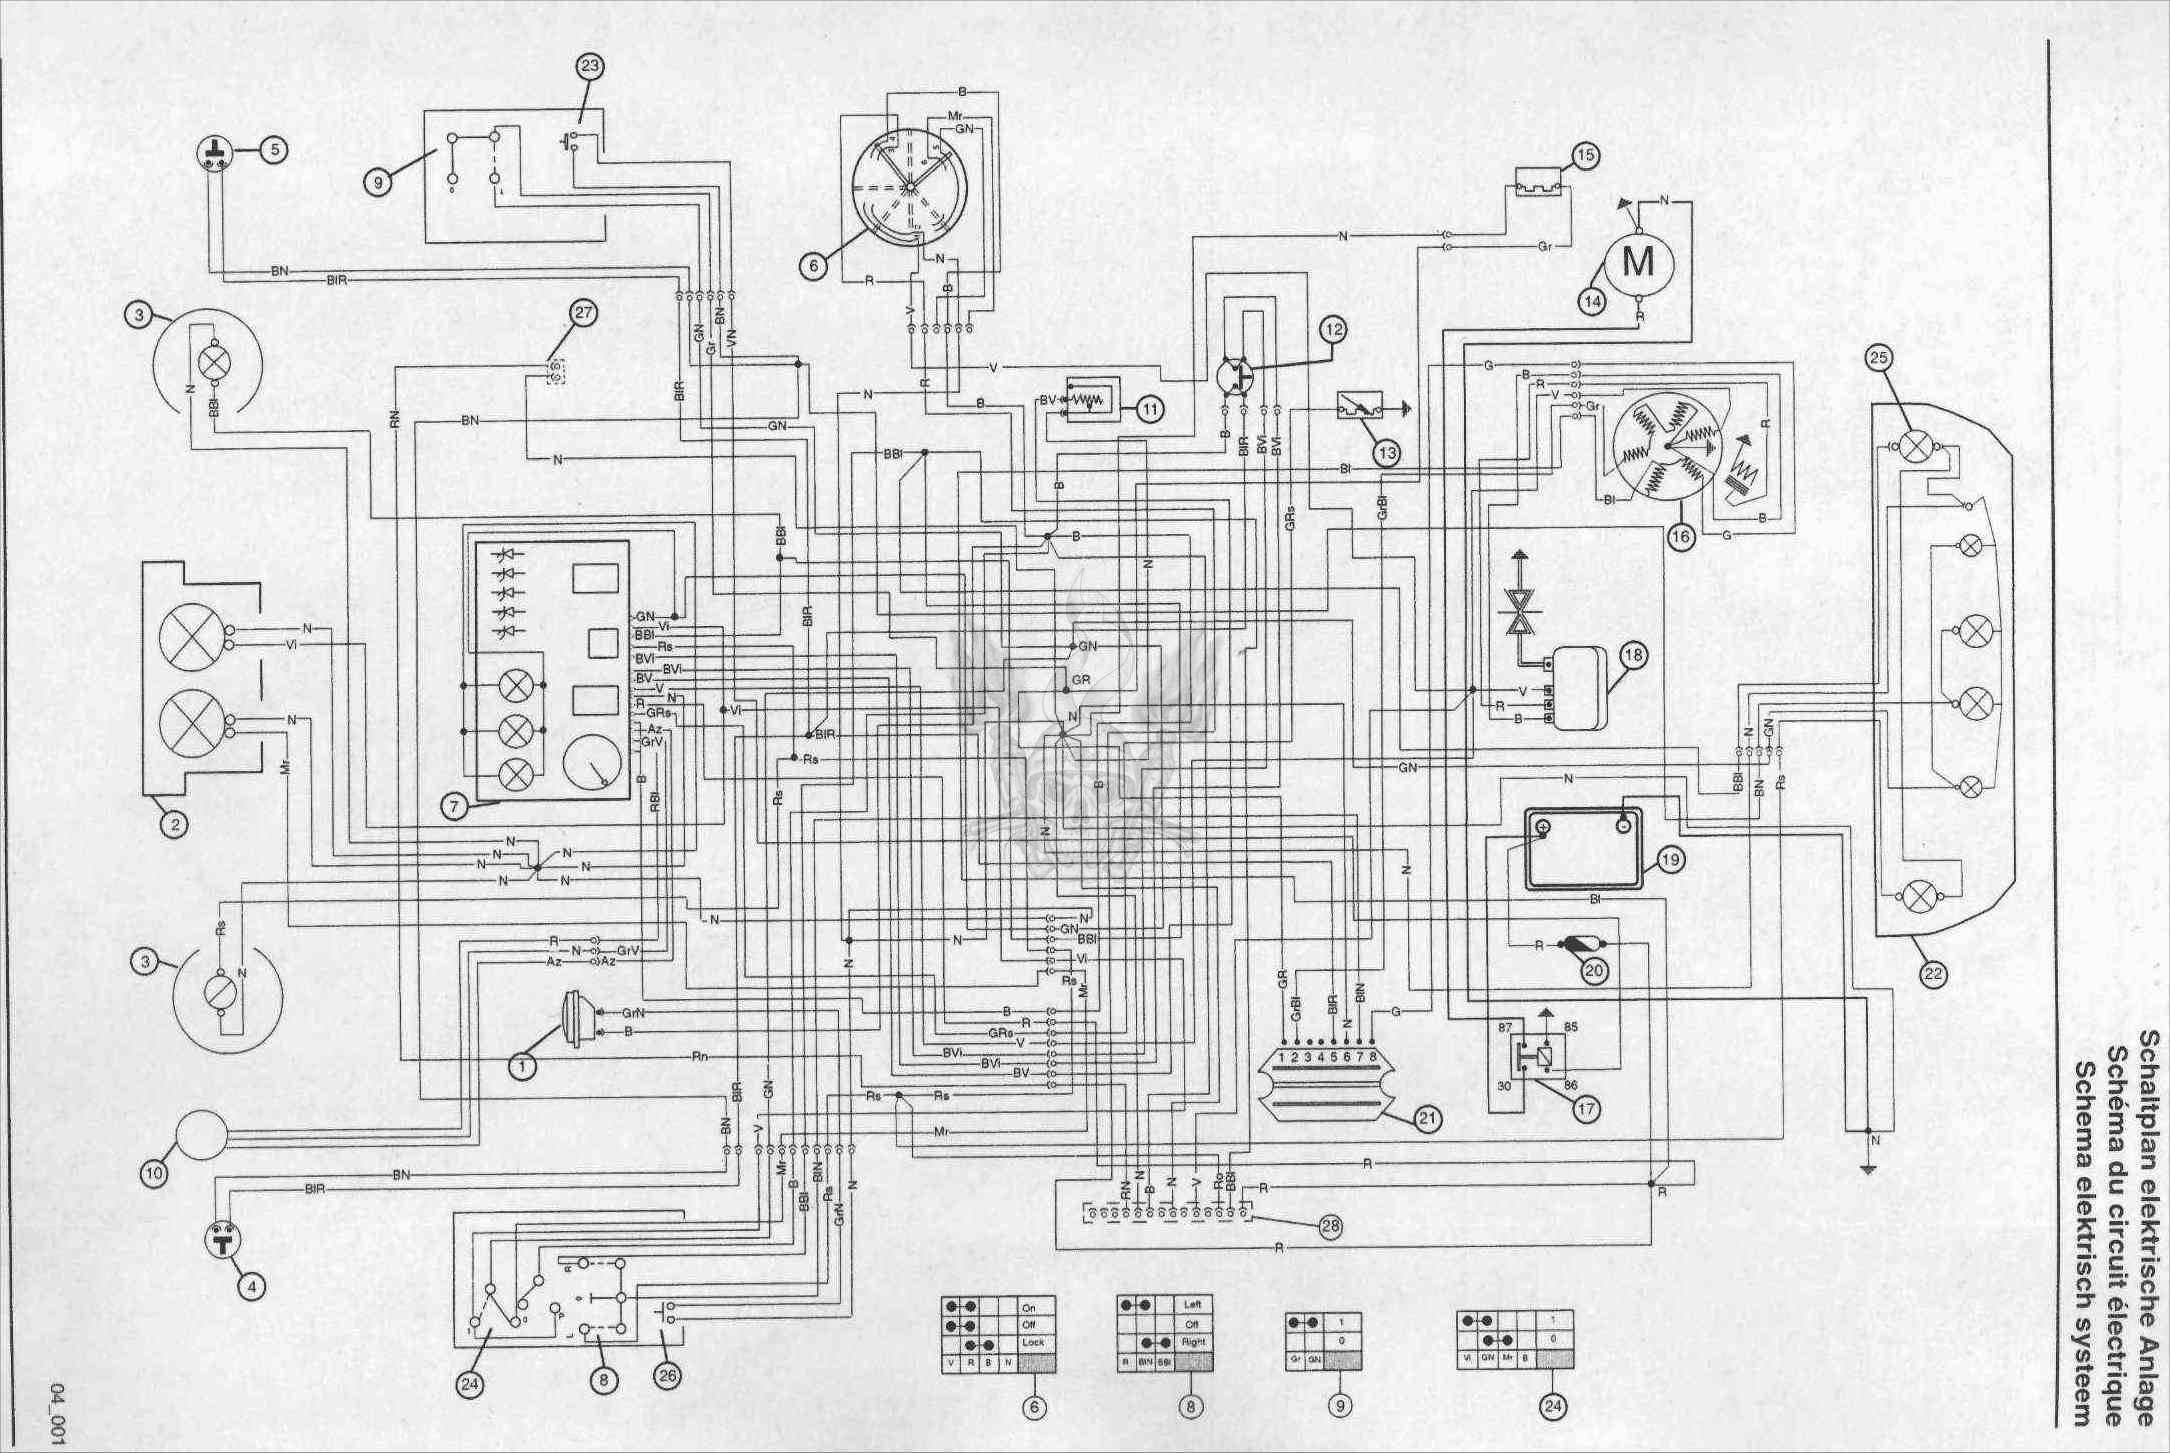 Schema Elettrico Mbk Booster : Schema elettrico booster mbk fare di una mosca